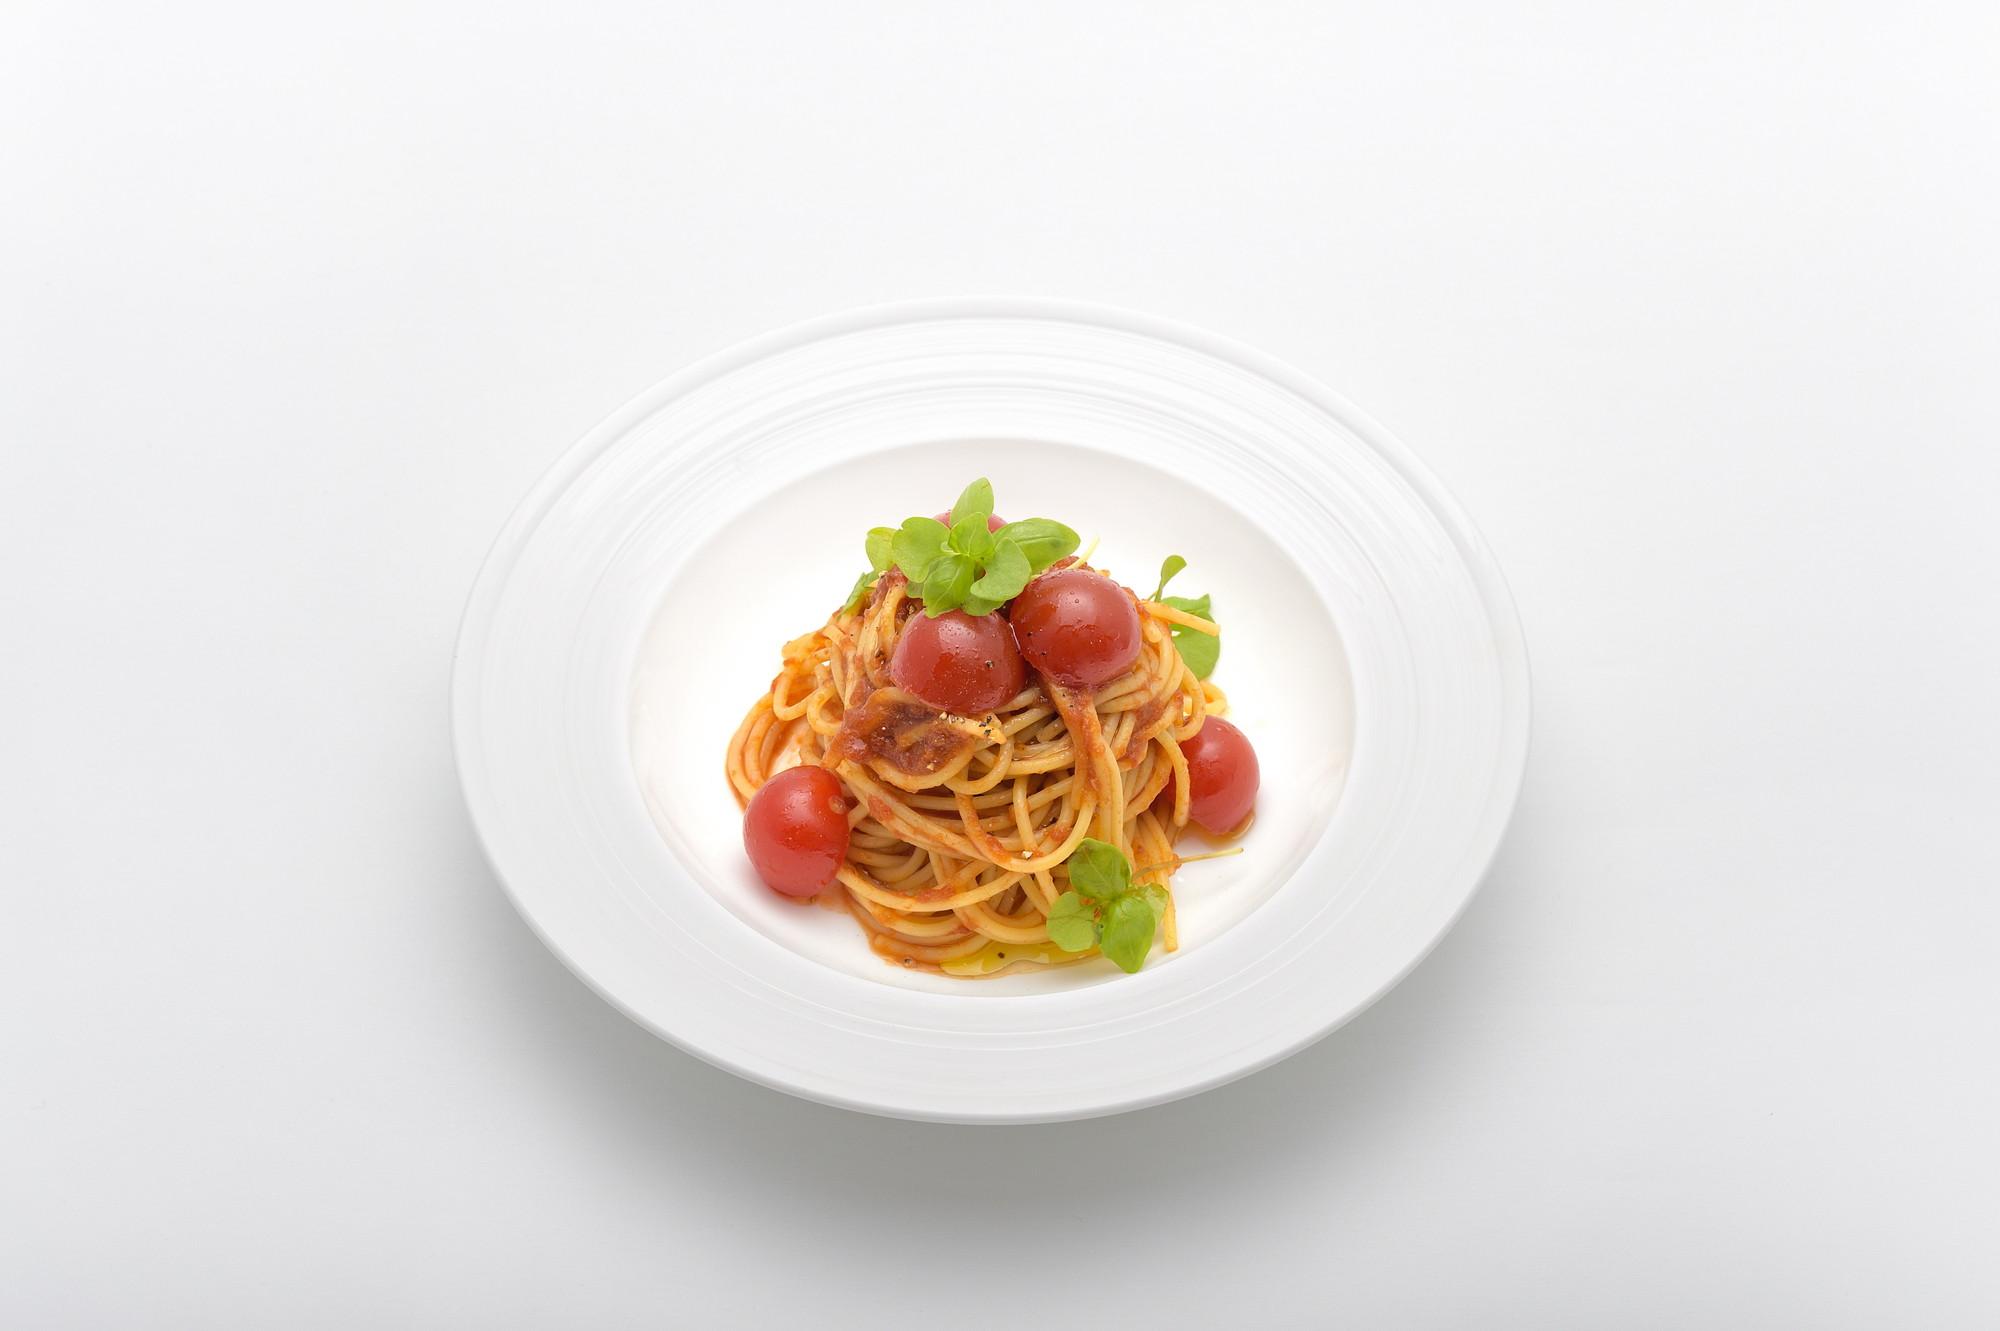 「伊豆産フレッシュトマトのスパゲティ」1,100円(税込)